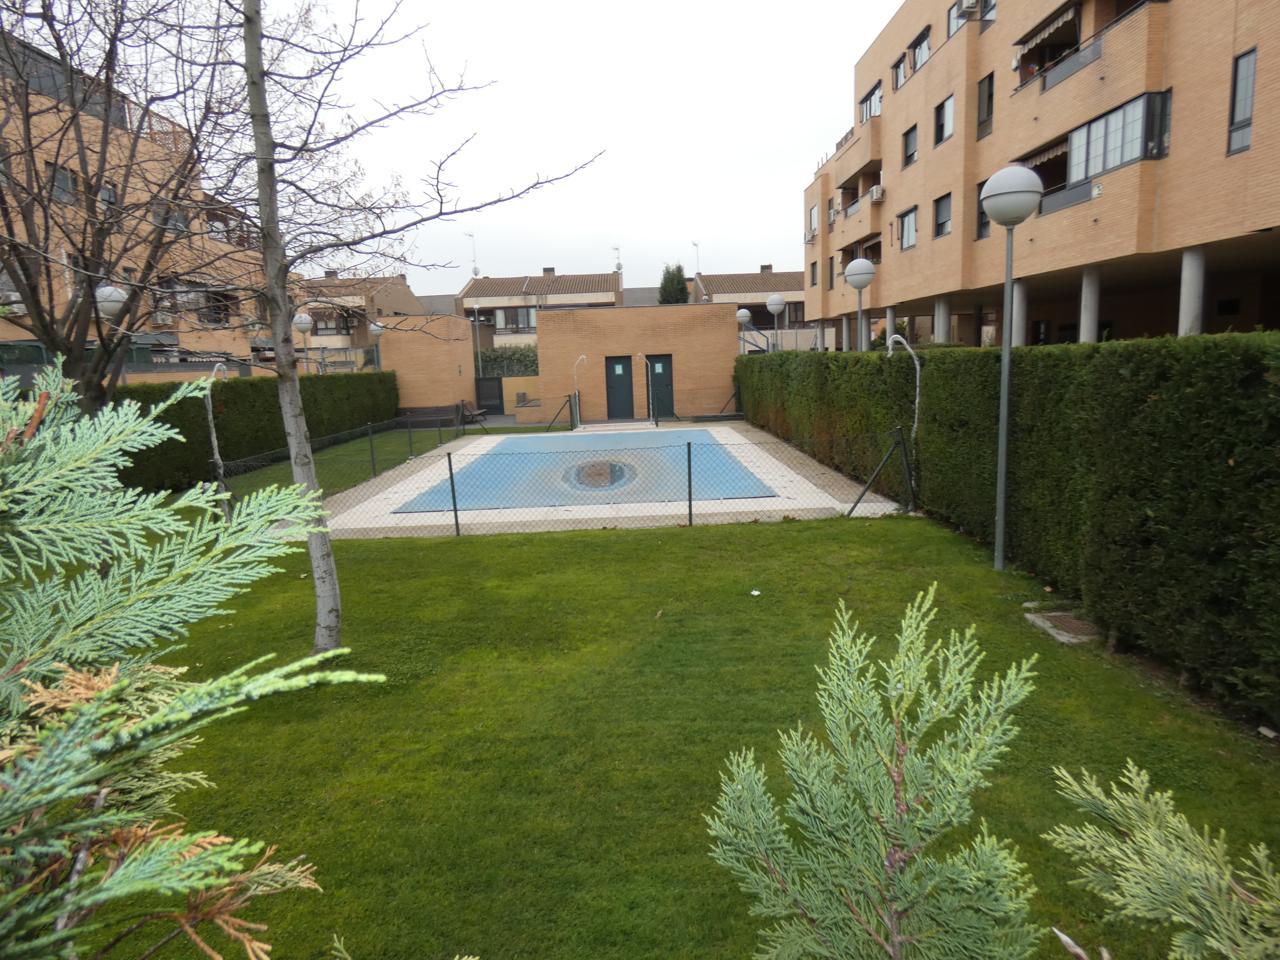 Fm gestiona piso en venta en valdemoro de 128 m2 - Pisos en venta en valdemoro particulares ...